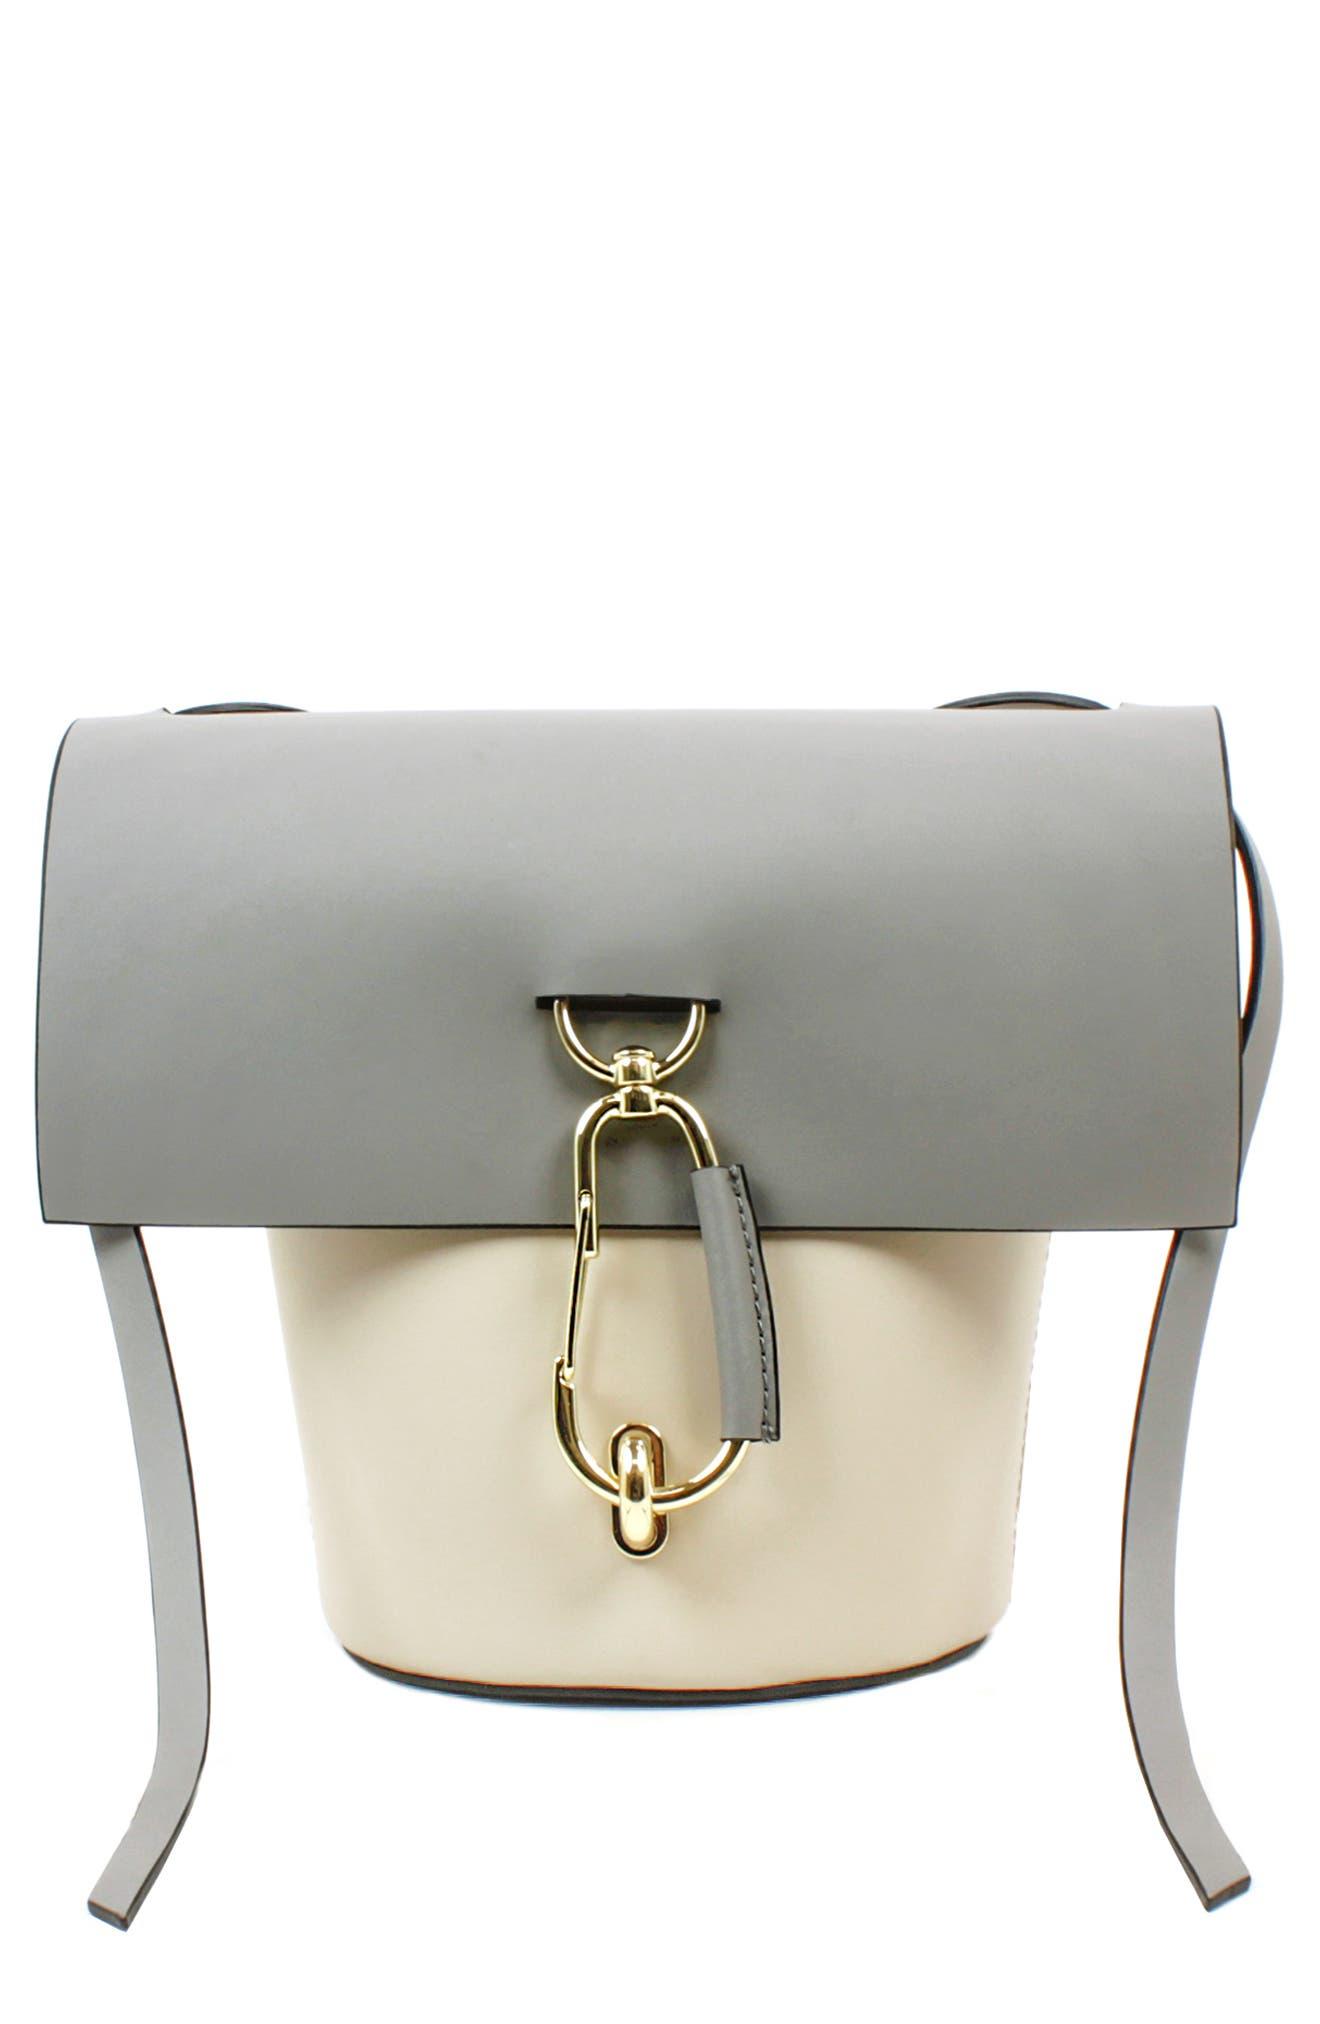 Belay Calfskin Leather Crossbody Bag,                             Main thumbnail 1, color,                             Mist